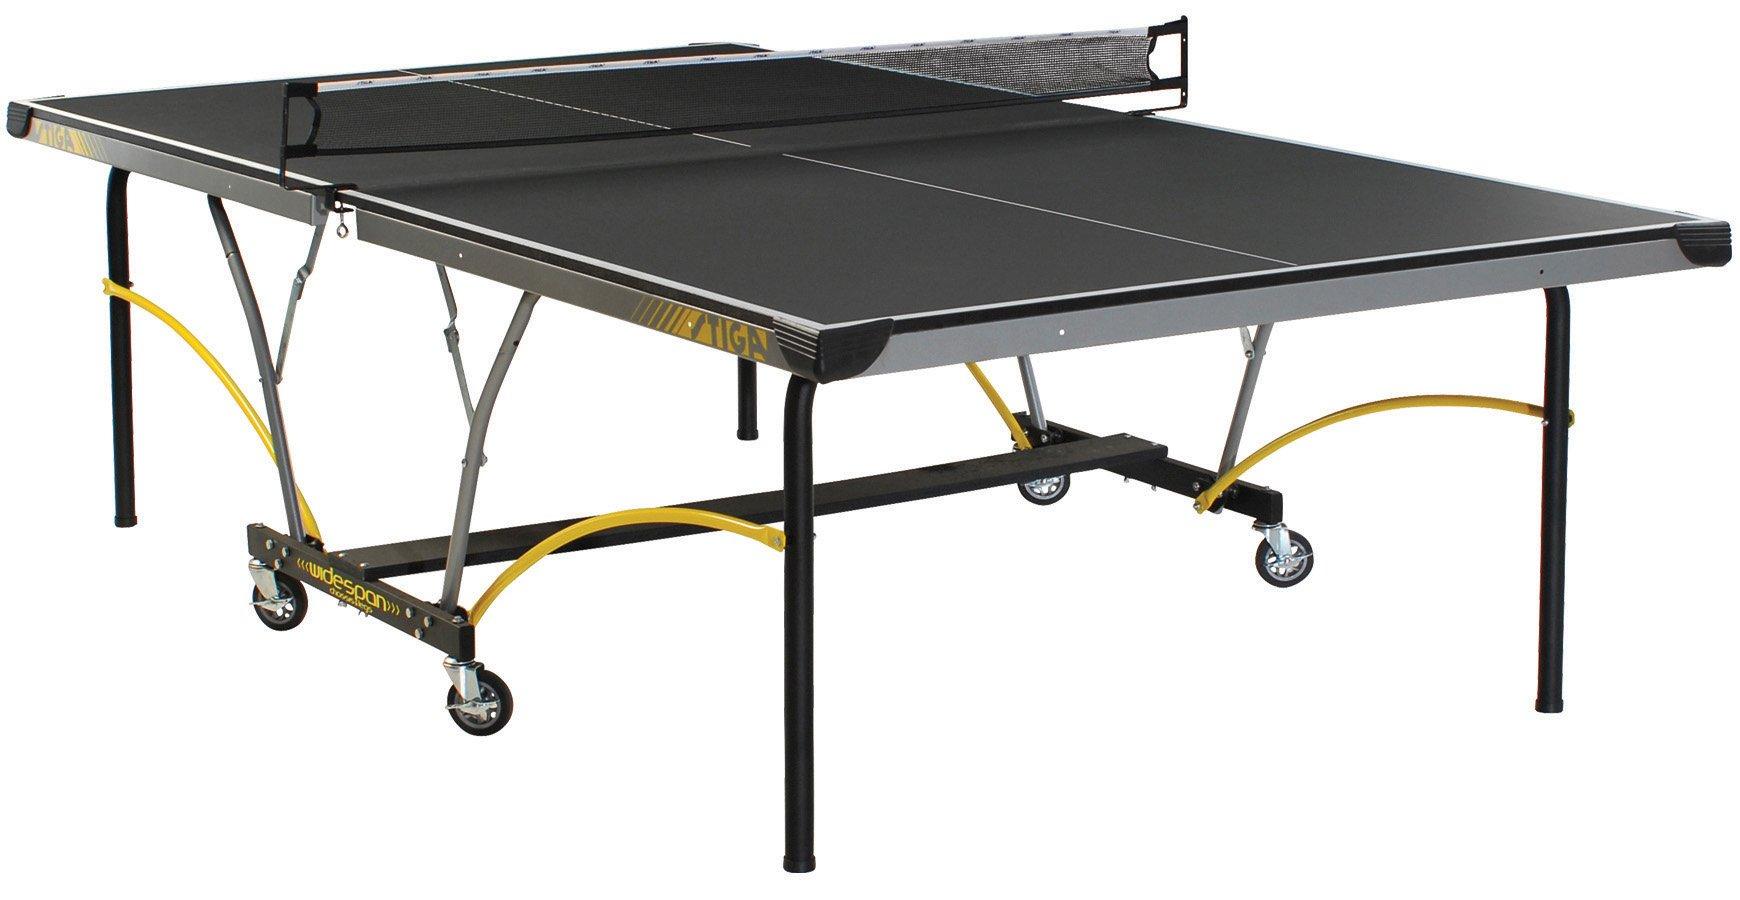 STIGA Synergy Table Tennis Table by STIGA